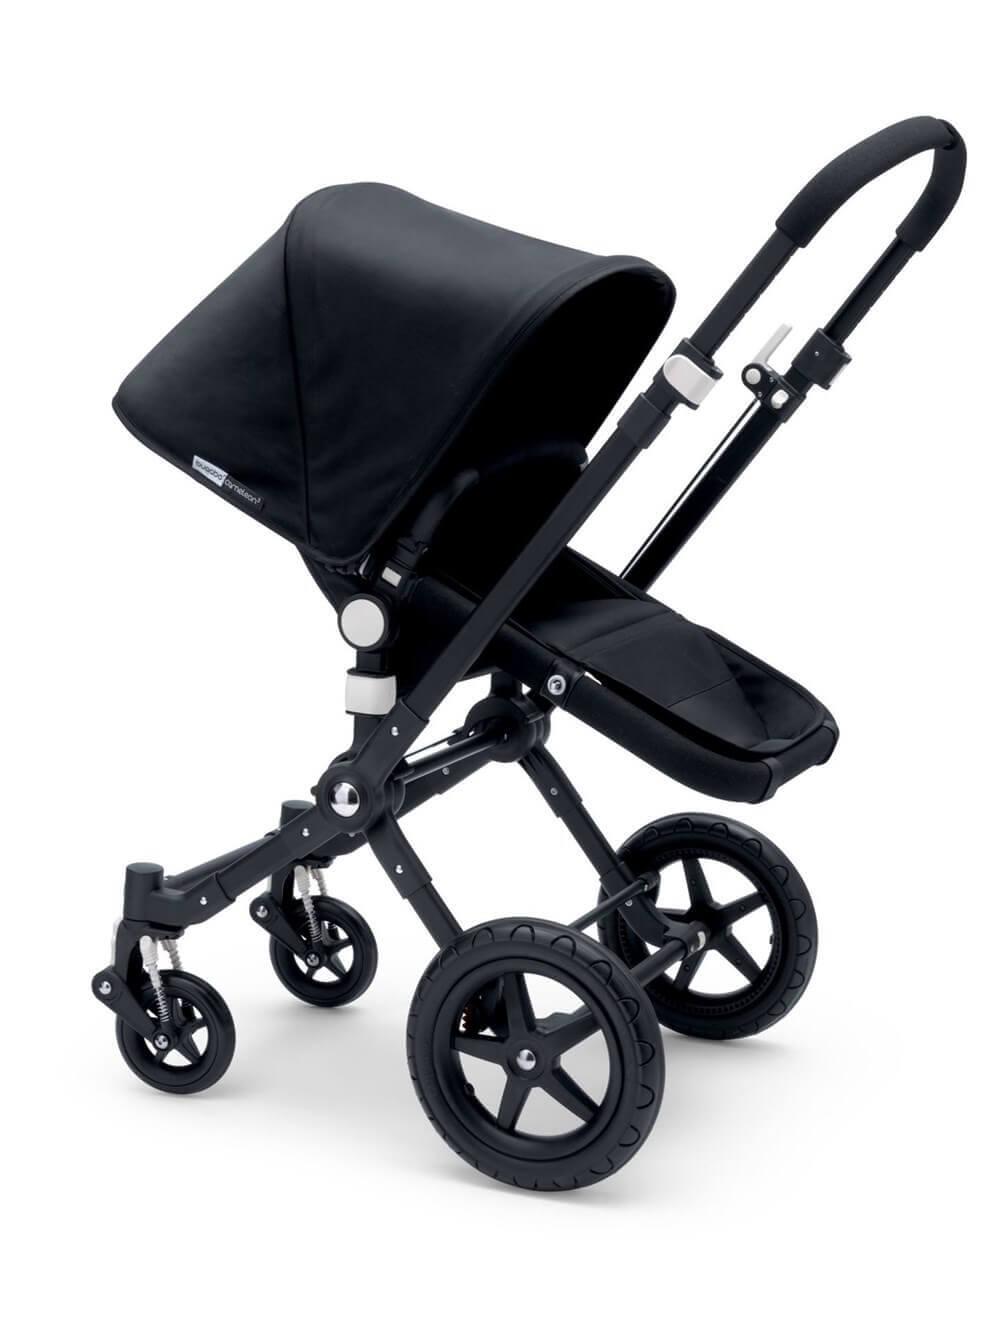 עגלת תינוק + טיולון קמיליון 3 אול בלאקCameleon 3 All Black מבית בוגבוBugaboo